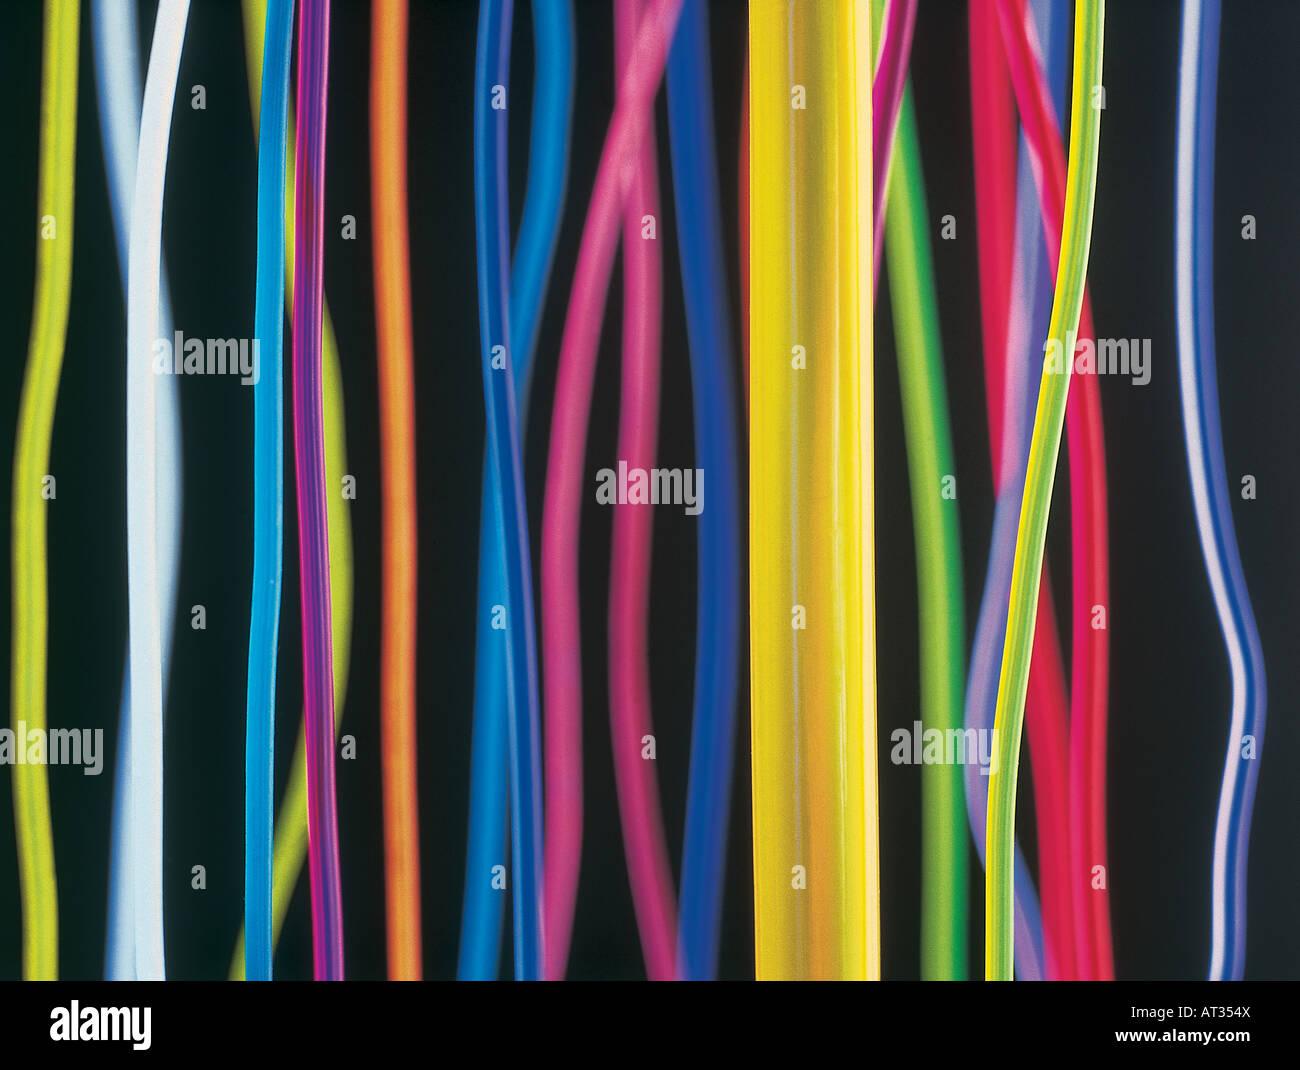 Immagine astratta di cavi colorati Immagini Stock